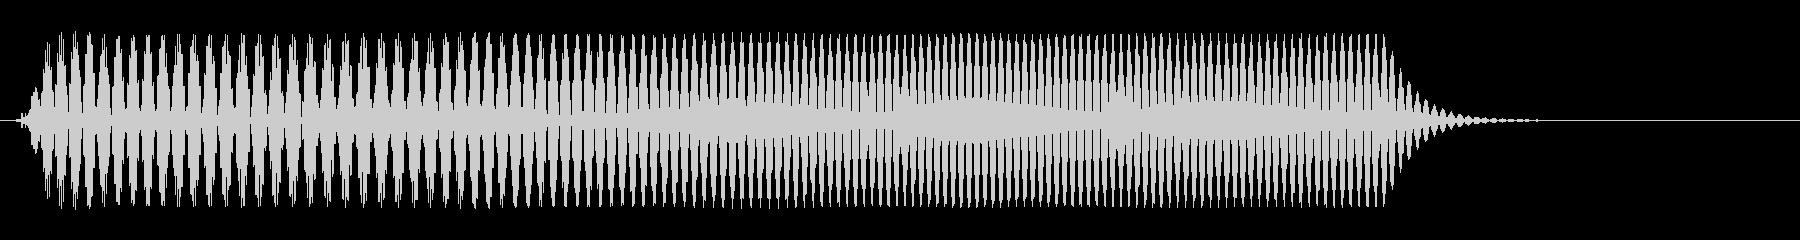 サイレンのようで、高めで短めの効果音の未再生の波形